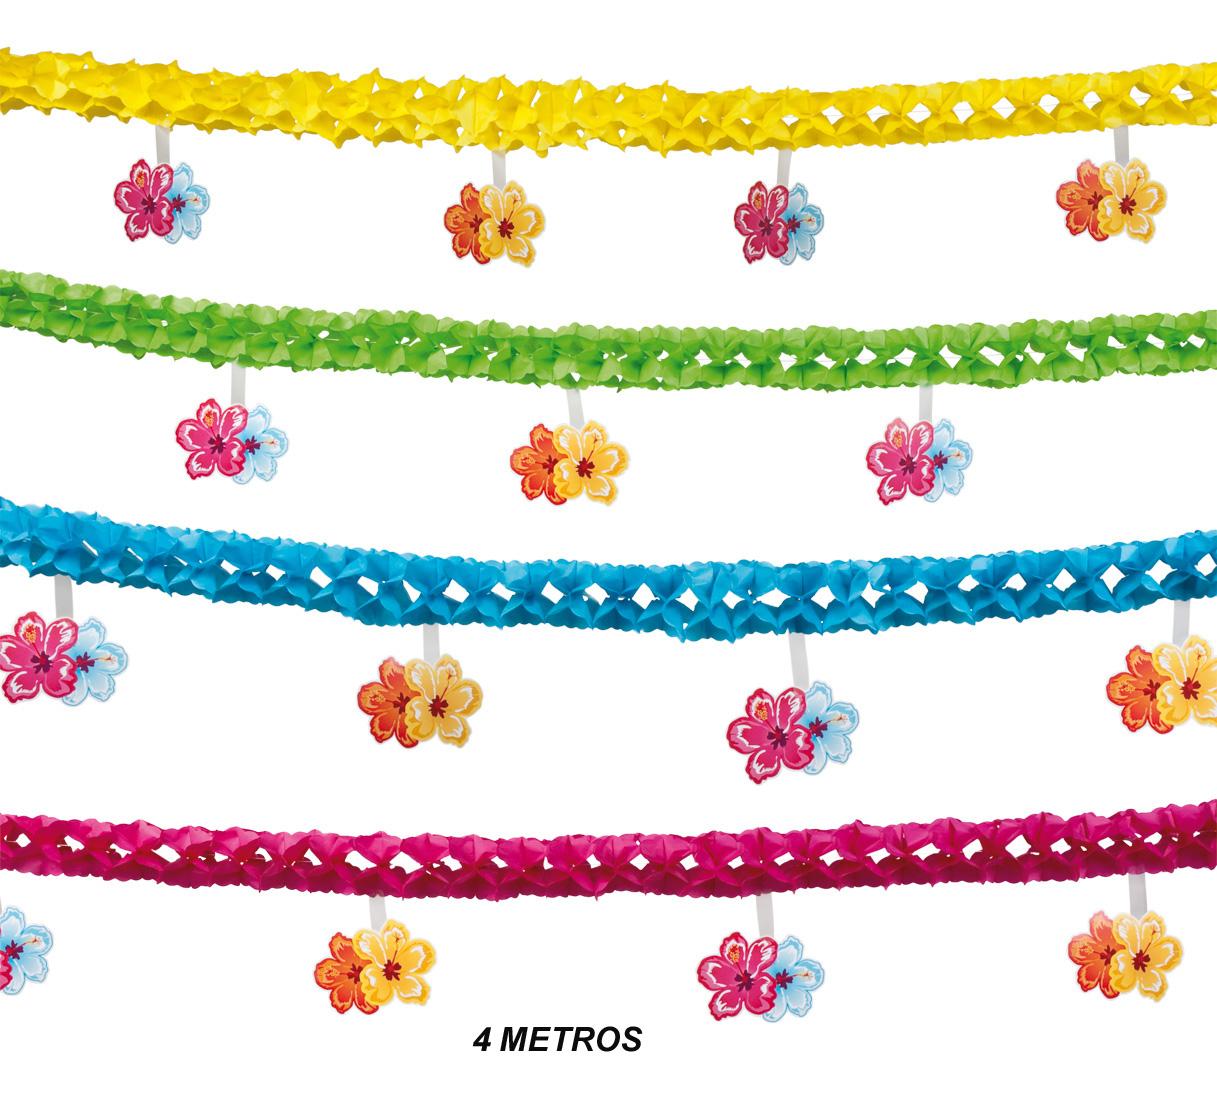 guirnaldas flores colores metros para fiestas